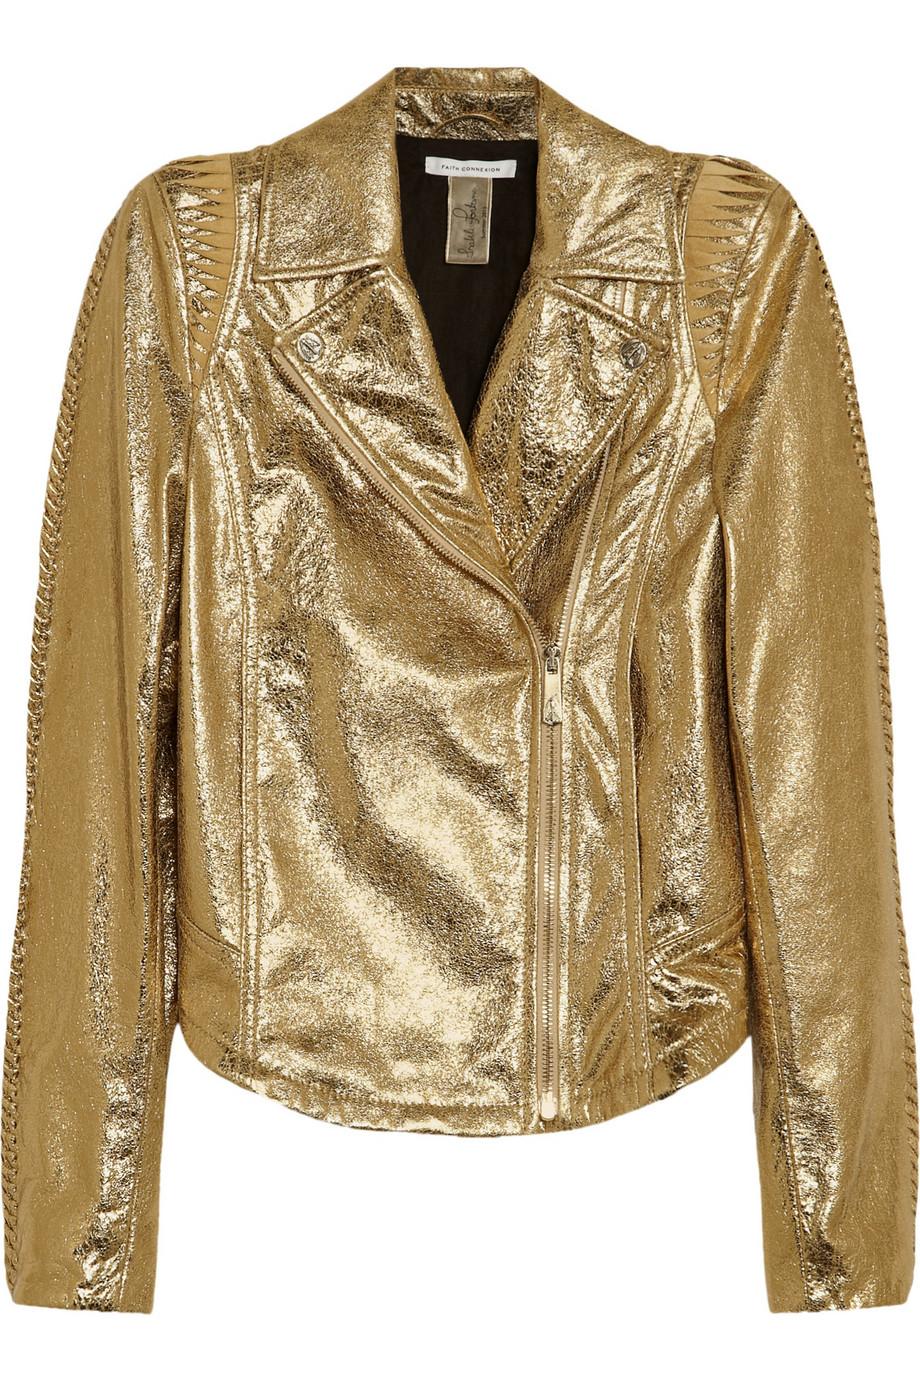 Gold Jackets – Jackets